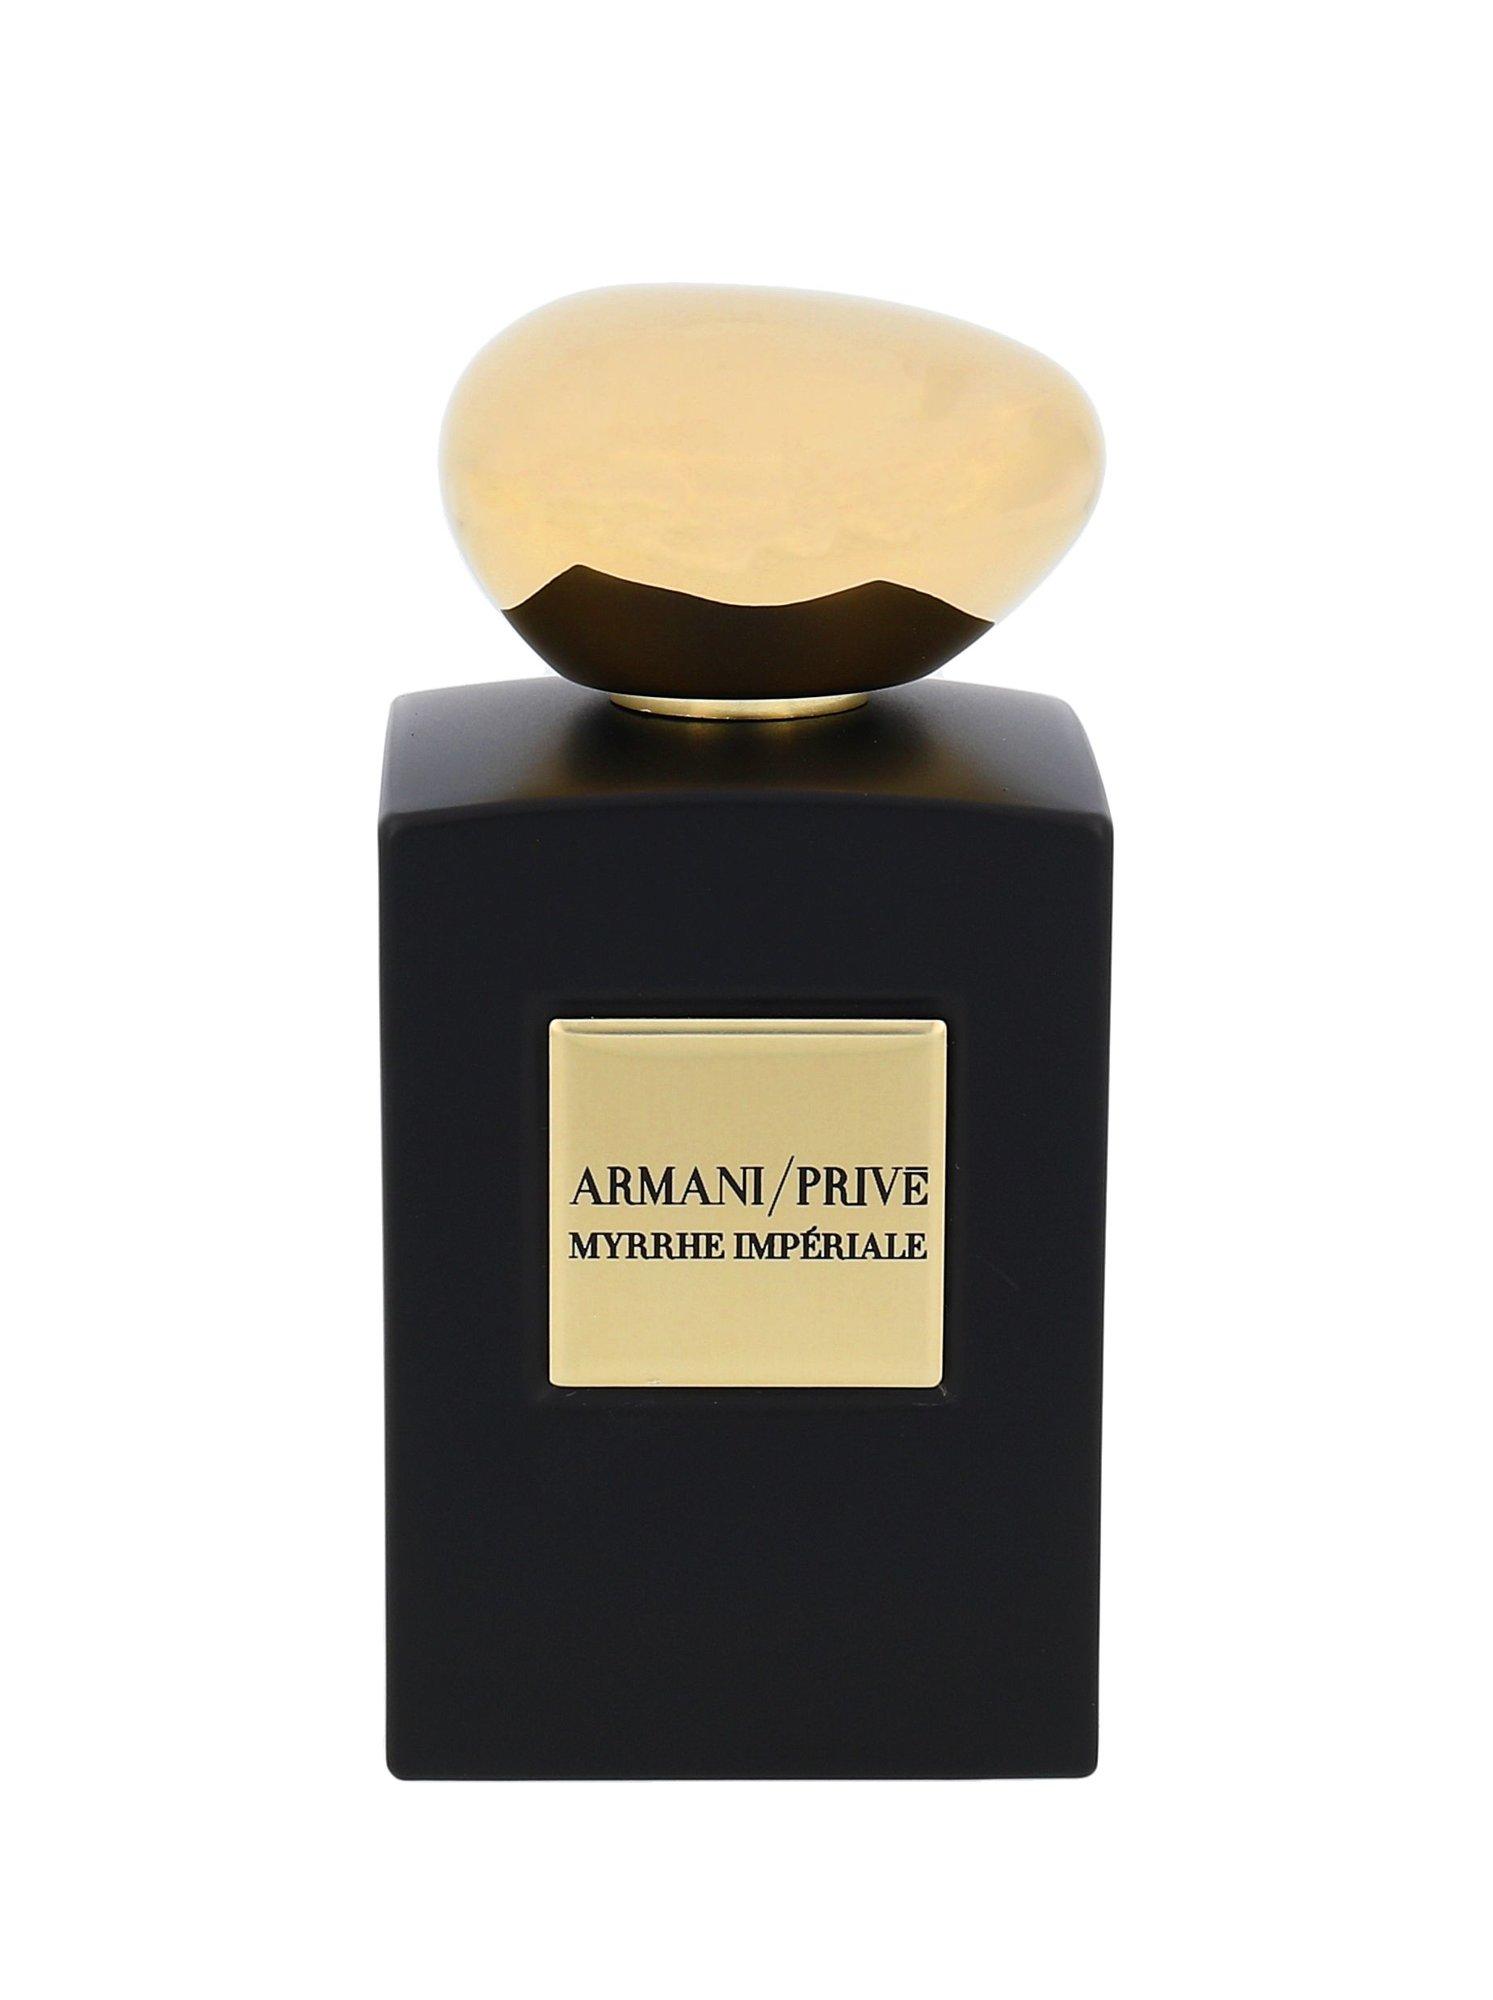 Armani Privé Myrrhe Impériale Eau de Parfum 100ml  Intense